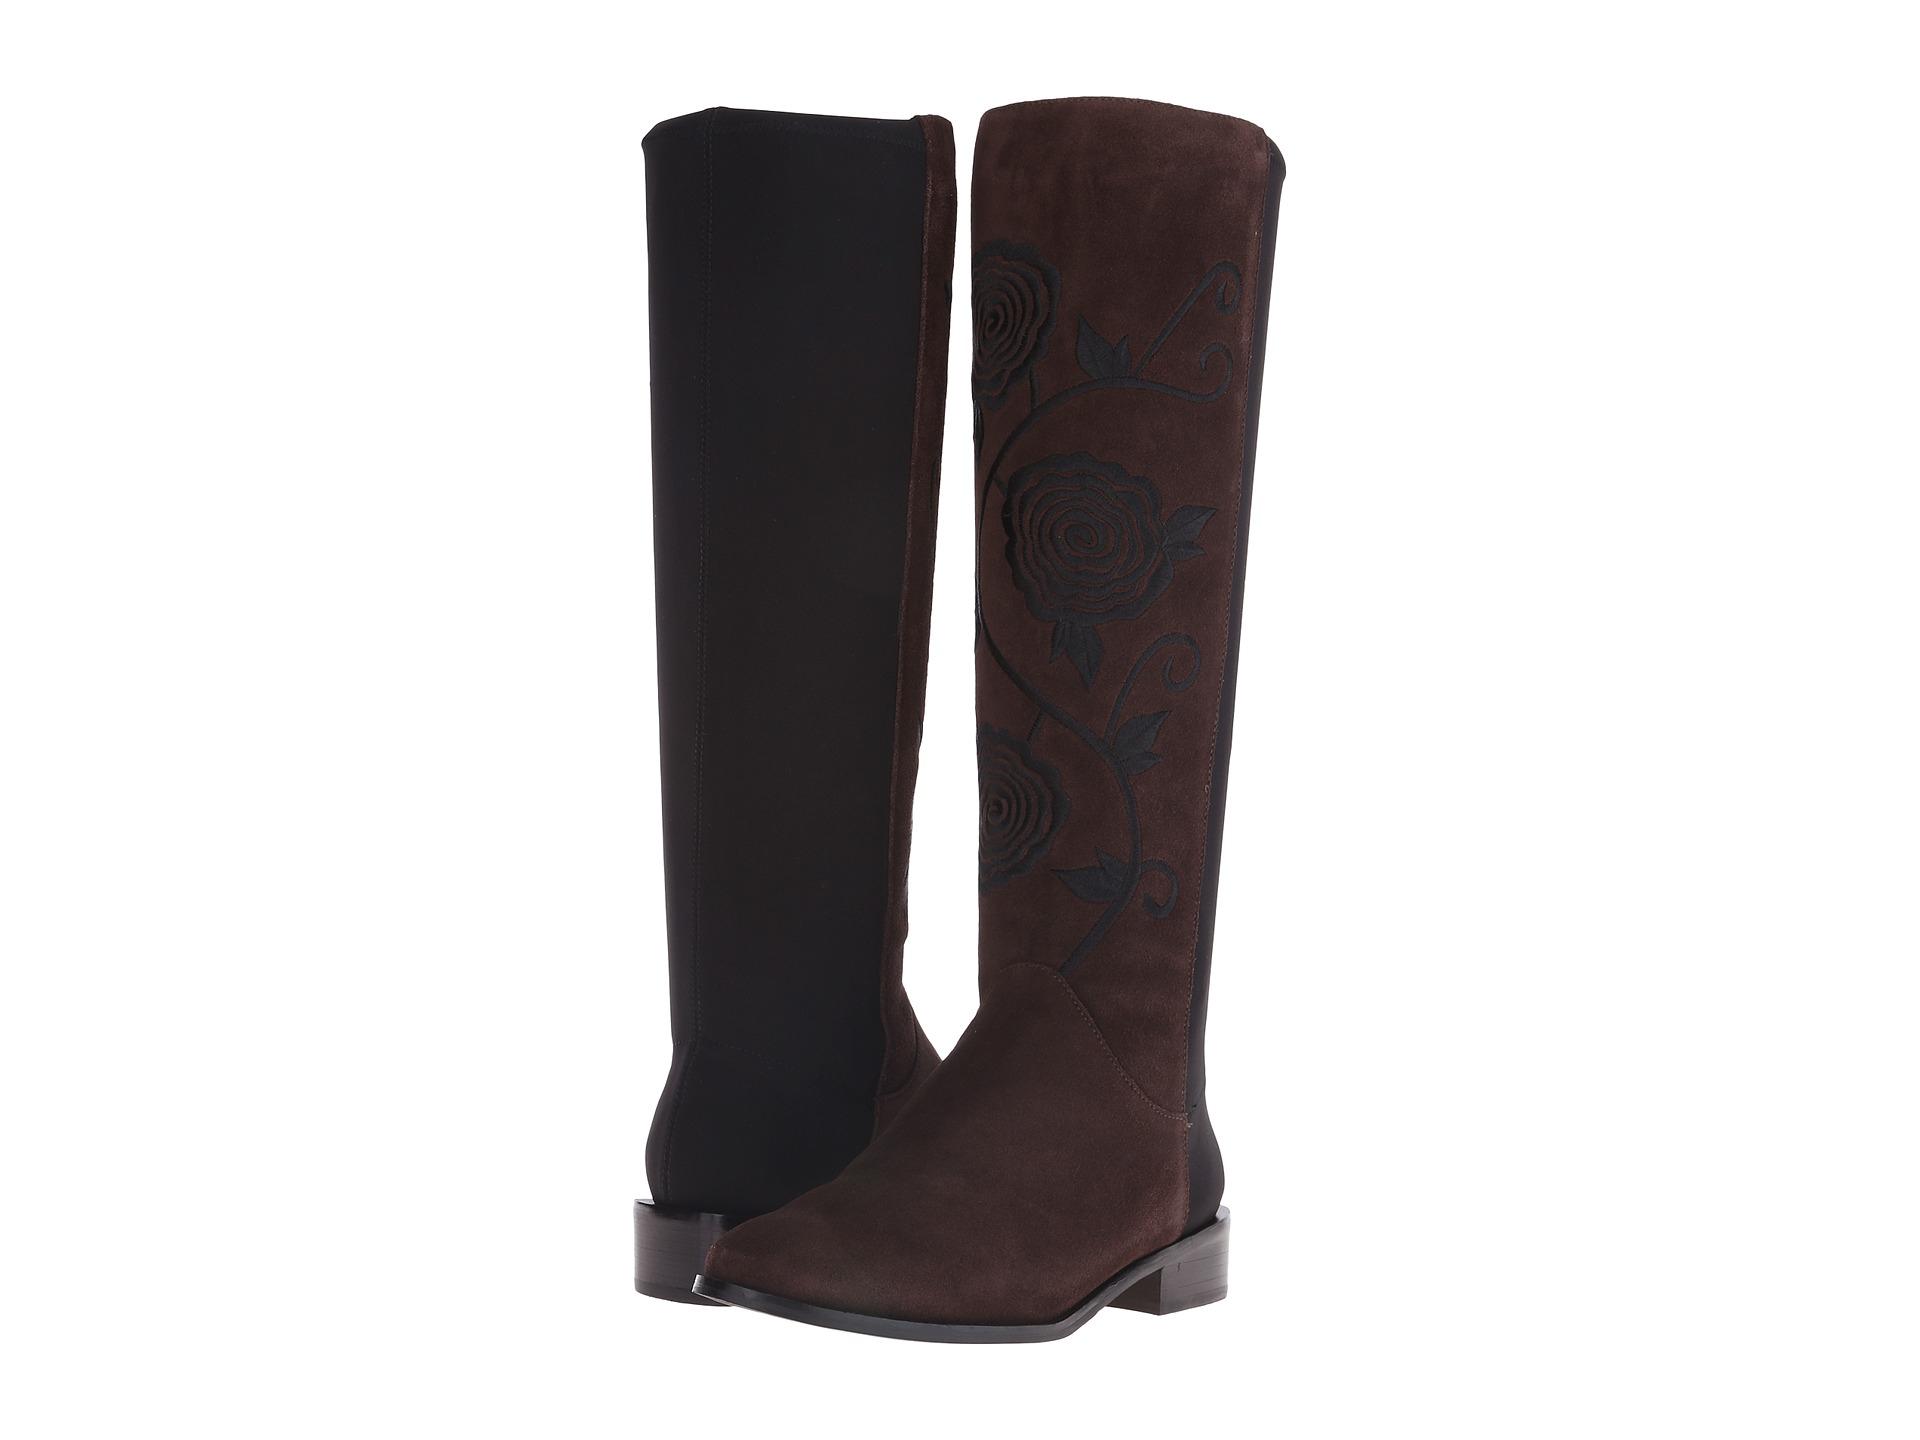 Womens Boots Vaneli Radius Moro Brown